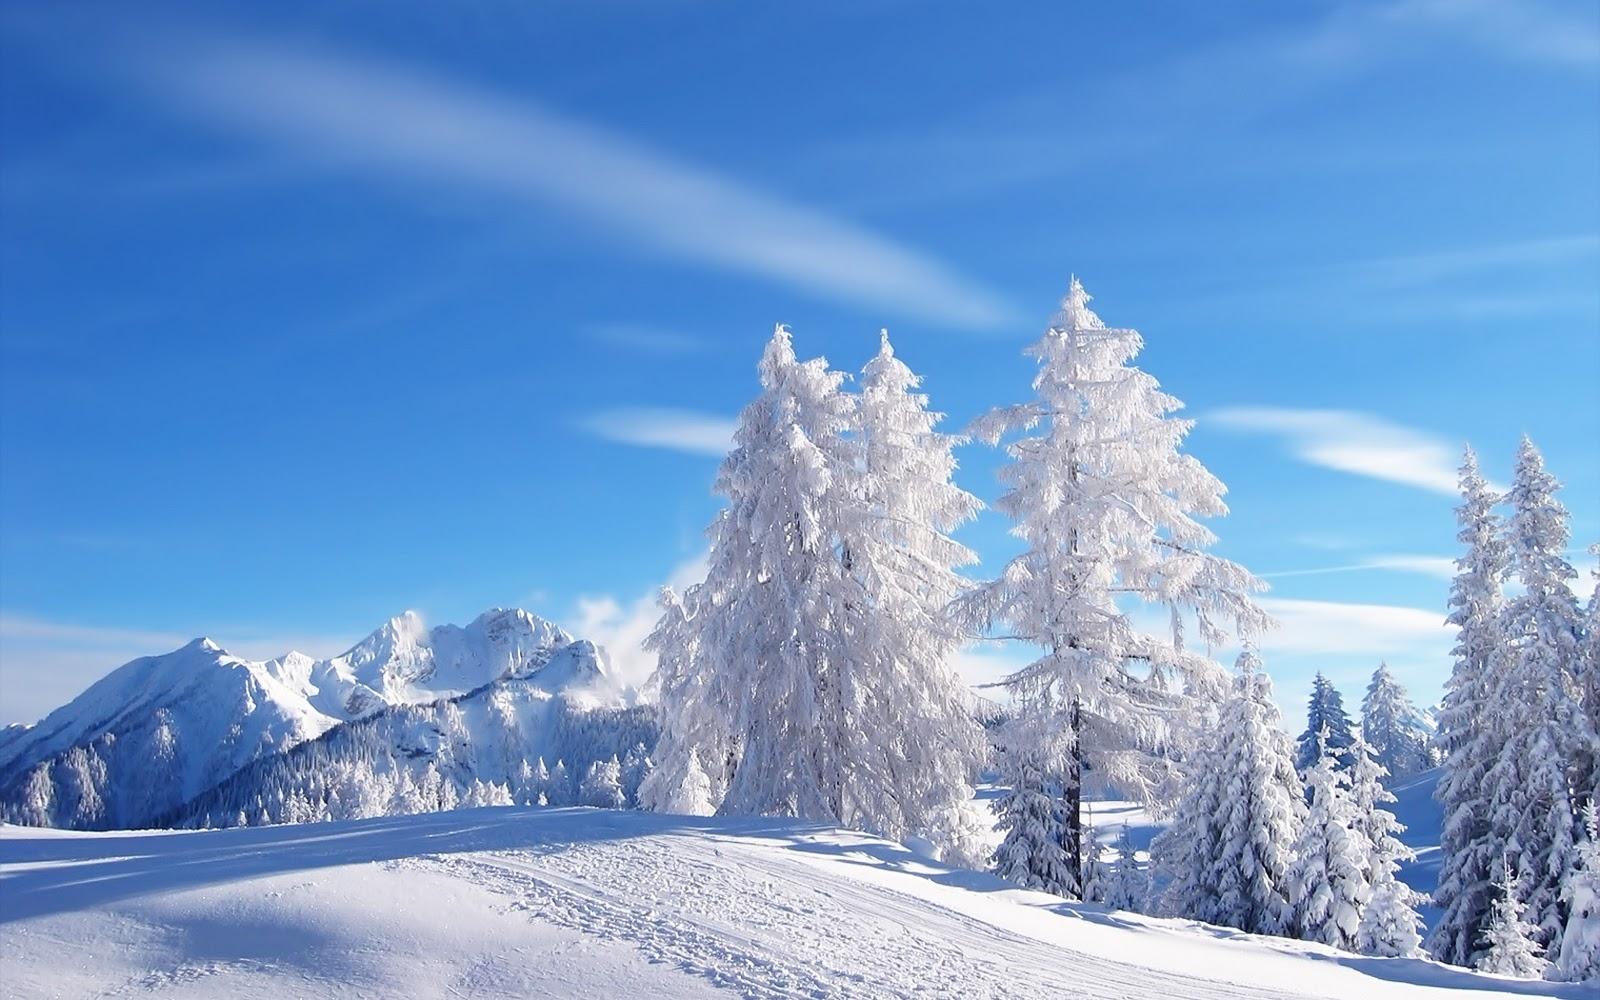 Winter achtergronden winter wallpapers winter landschappen 23jpg 1600x1000